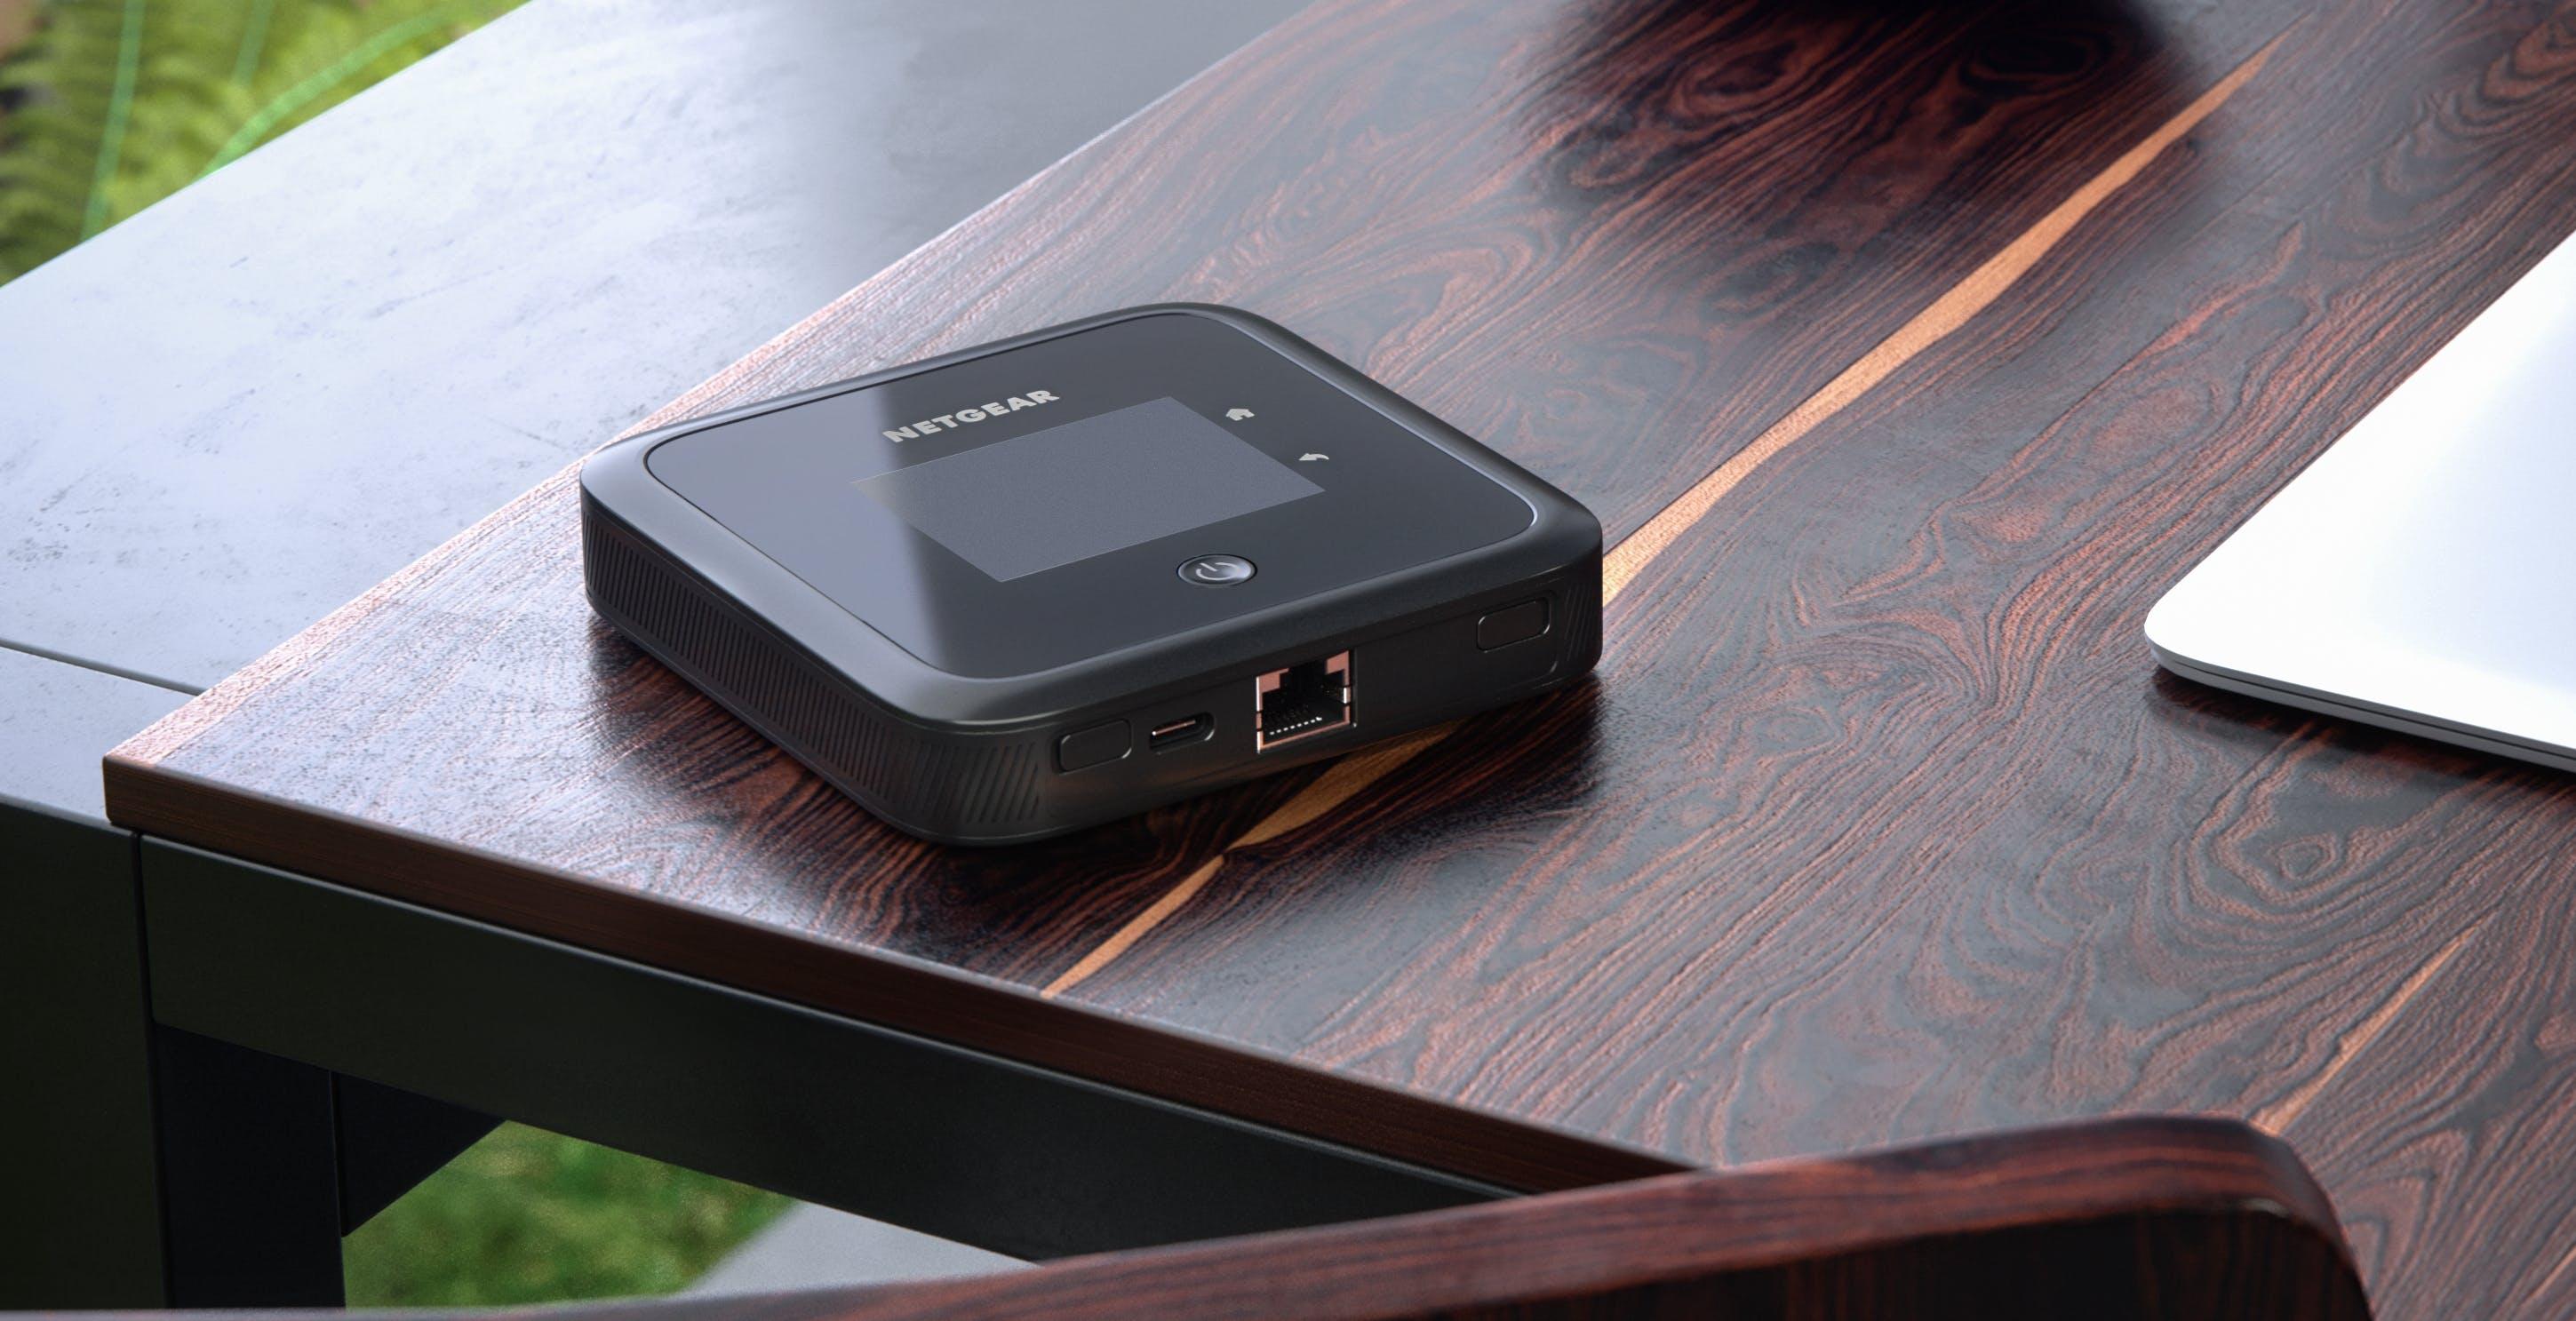 5G e WiFi 6 per il router portatile Nighyhawk M5 di Netgear, ora disponibile